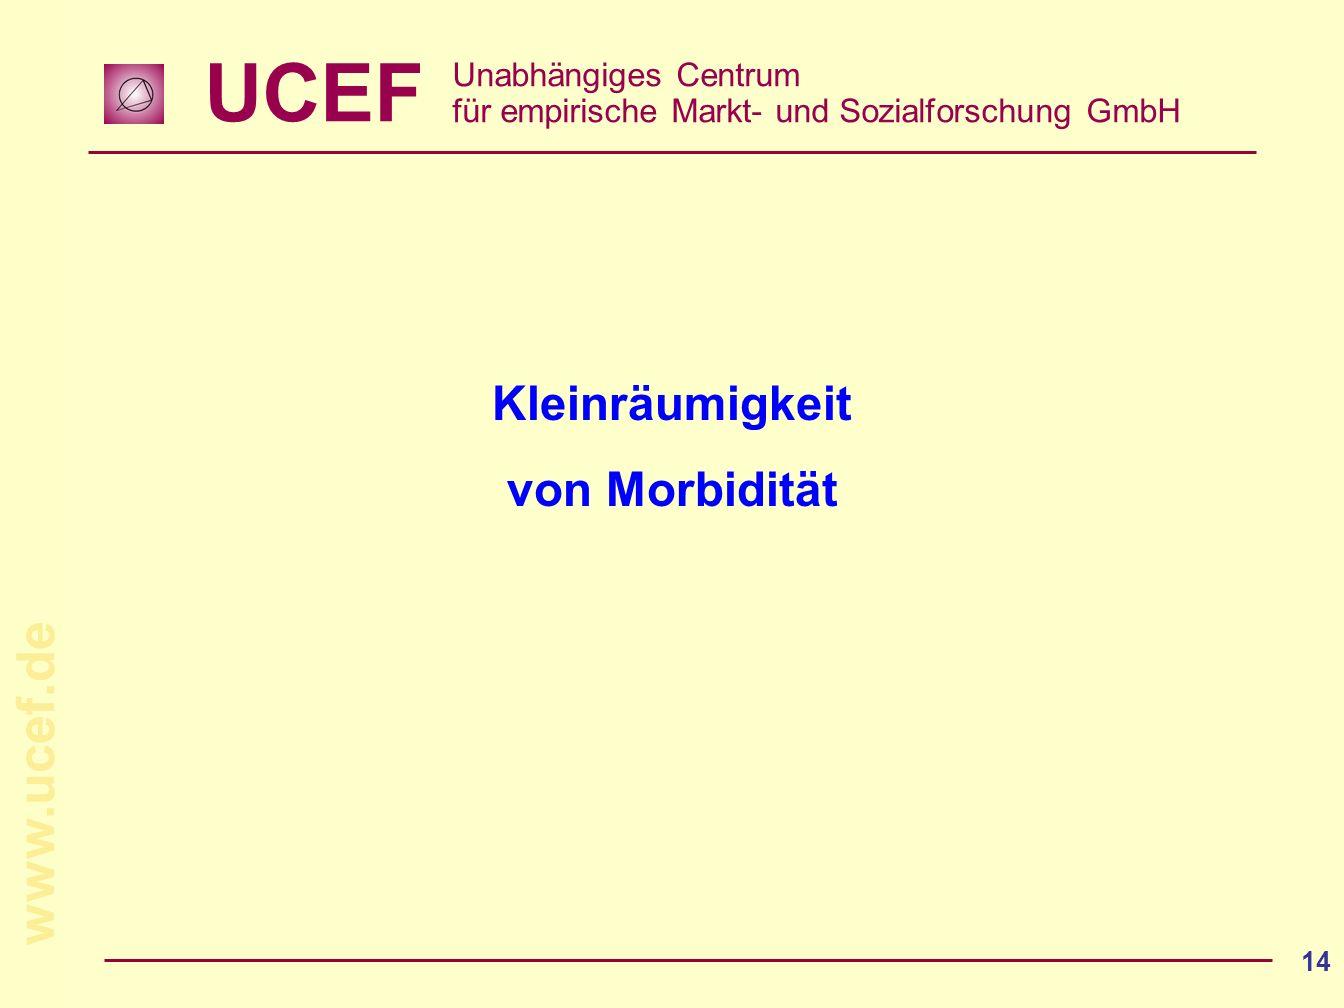 UCEF Unabhängiges Centrum für empirische Markt- und Sozialforschung GmbH www.ucef.de 14 Kleinräumigkeit von Morbidität